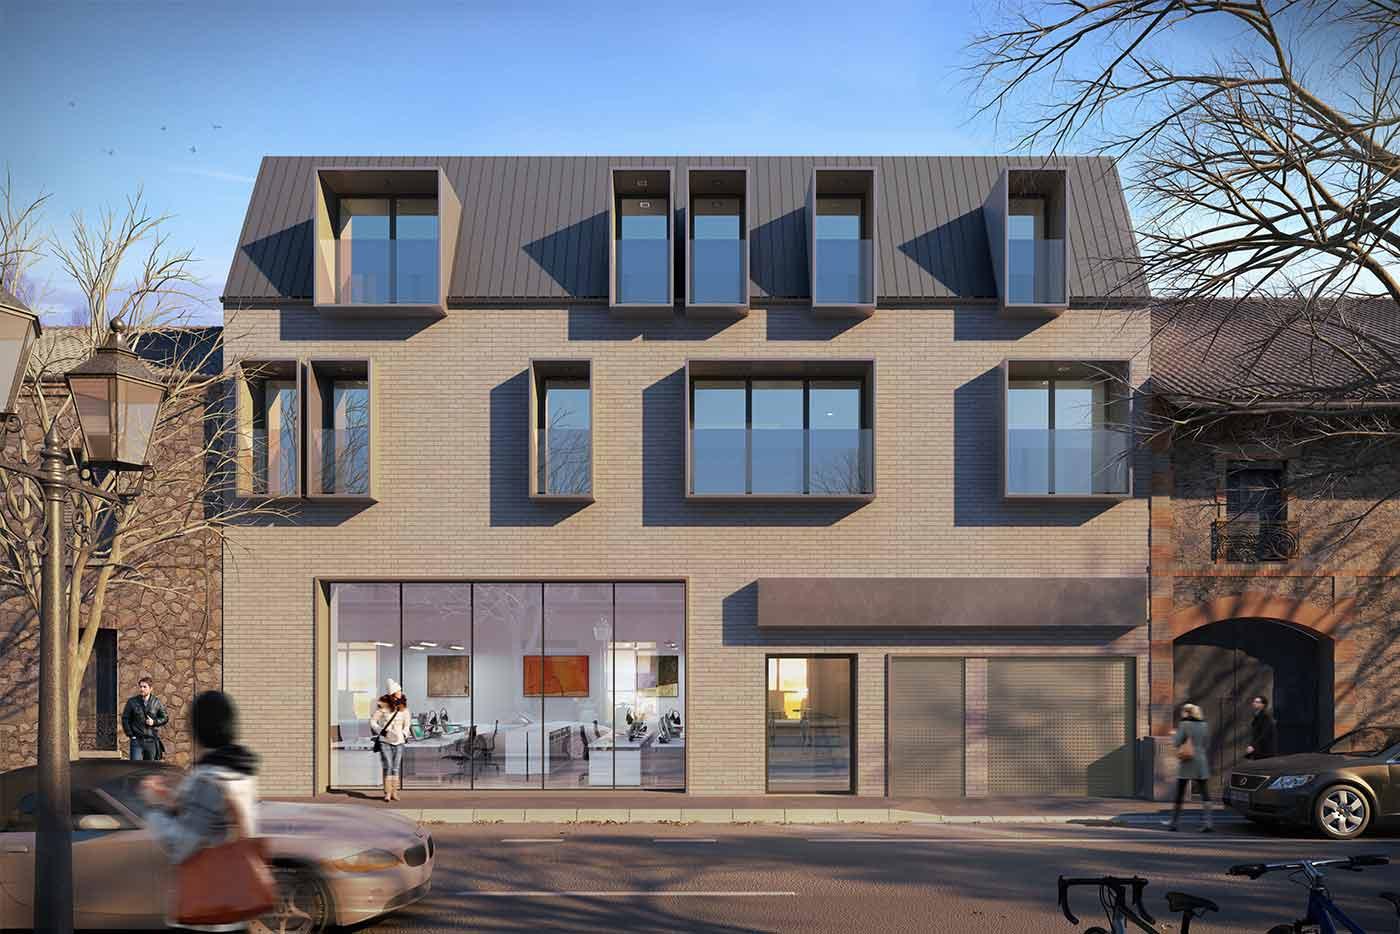 promotion immobli re pasteur paris bear architectes jeremy biermann architecte dplg. Black Bedroom Furniture Sets. Home Design Ideas